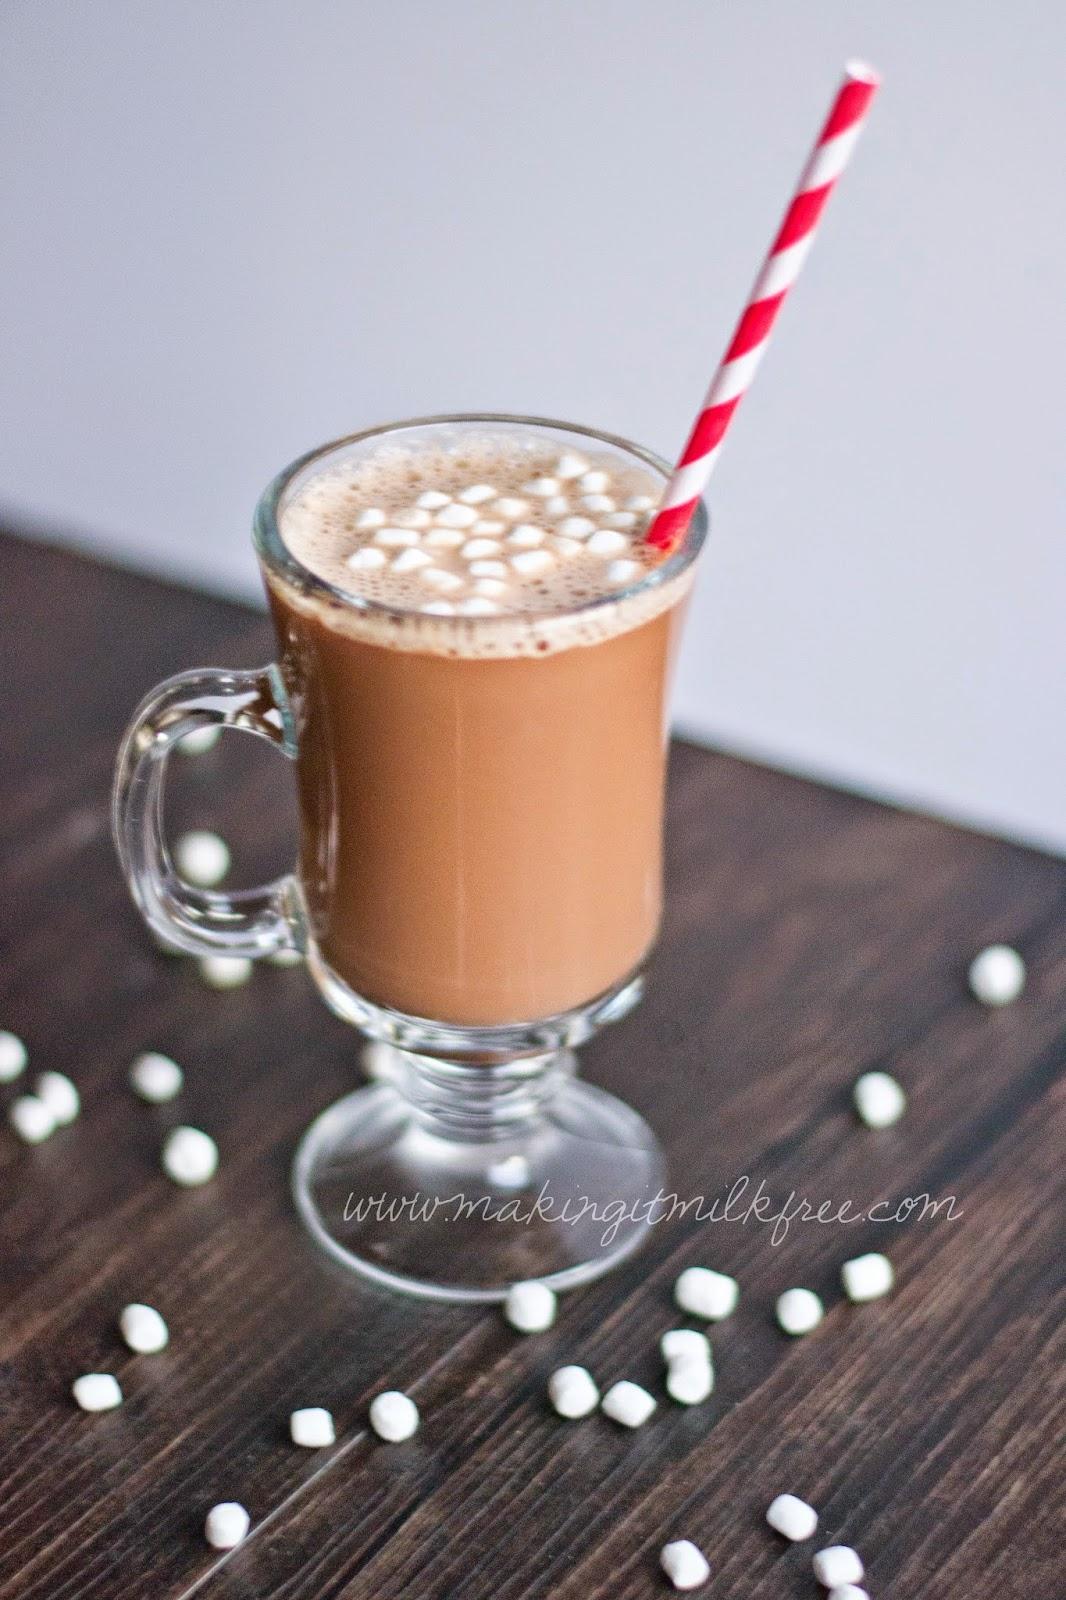 #dairyfree #hotcocoa #mix